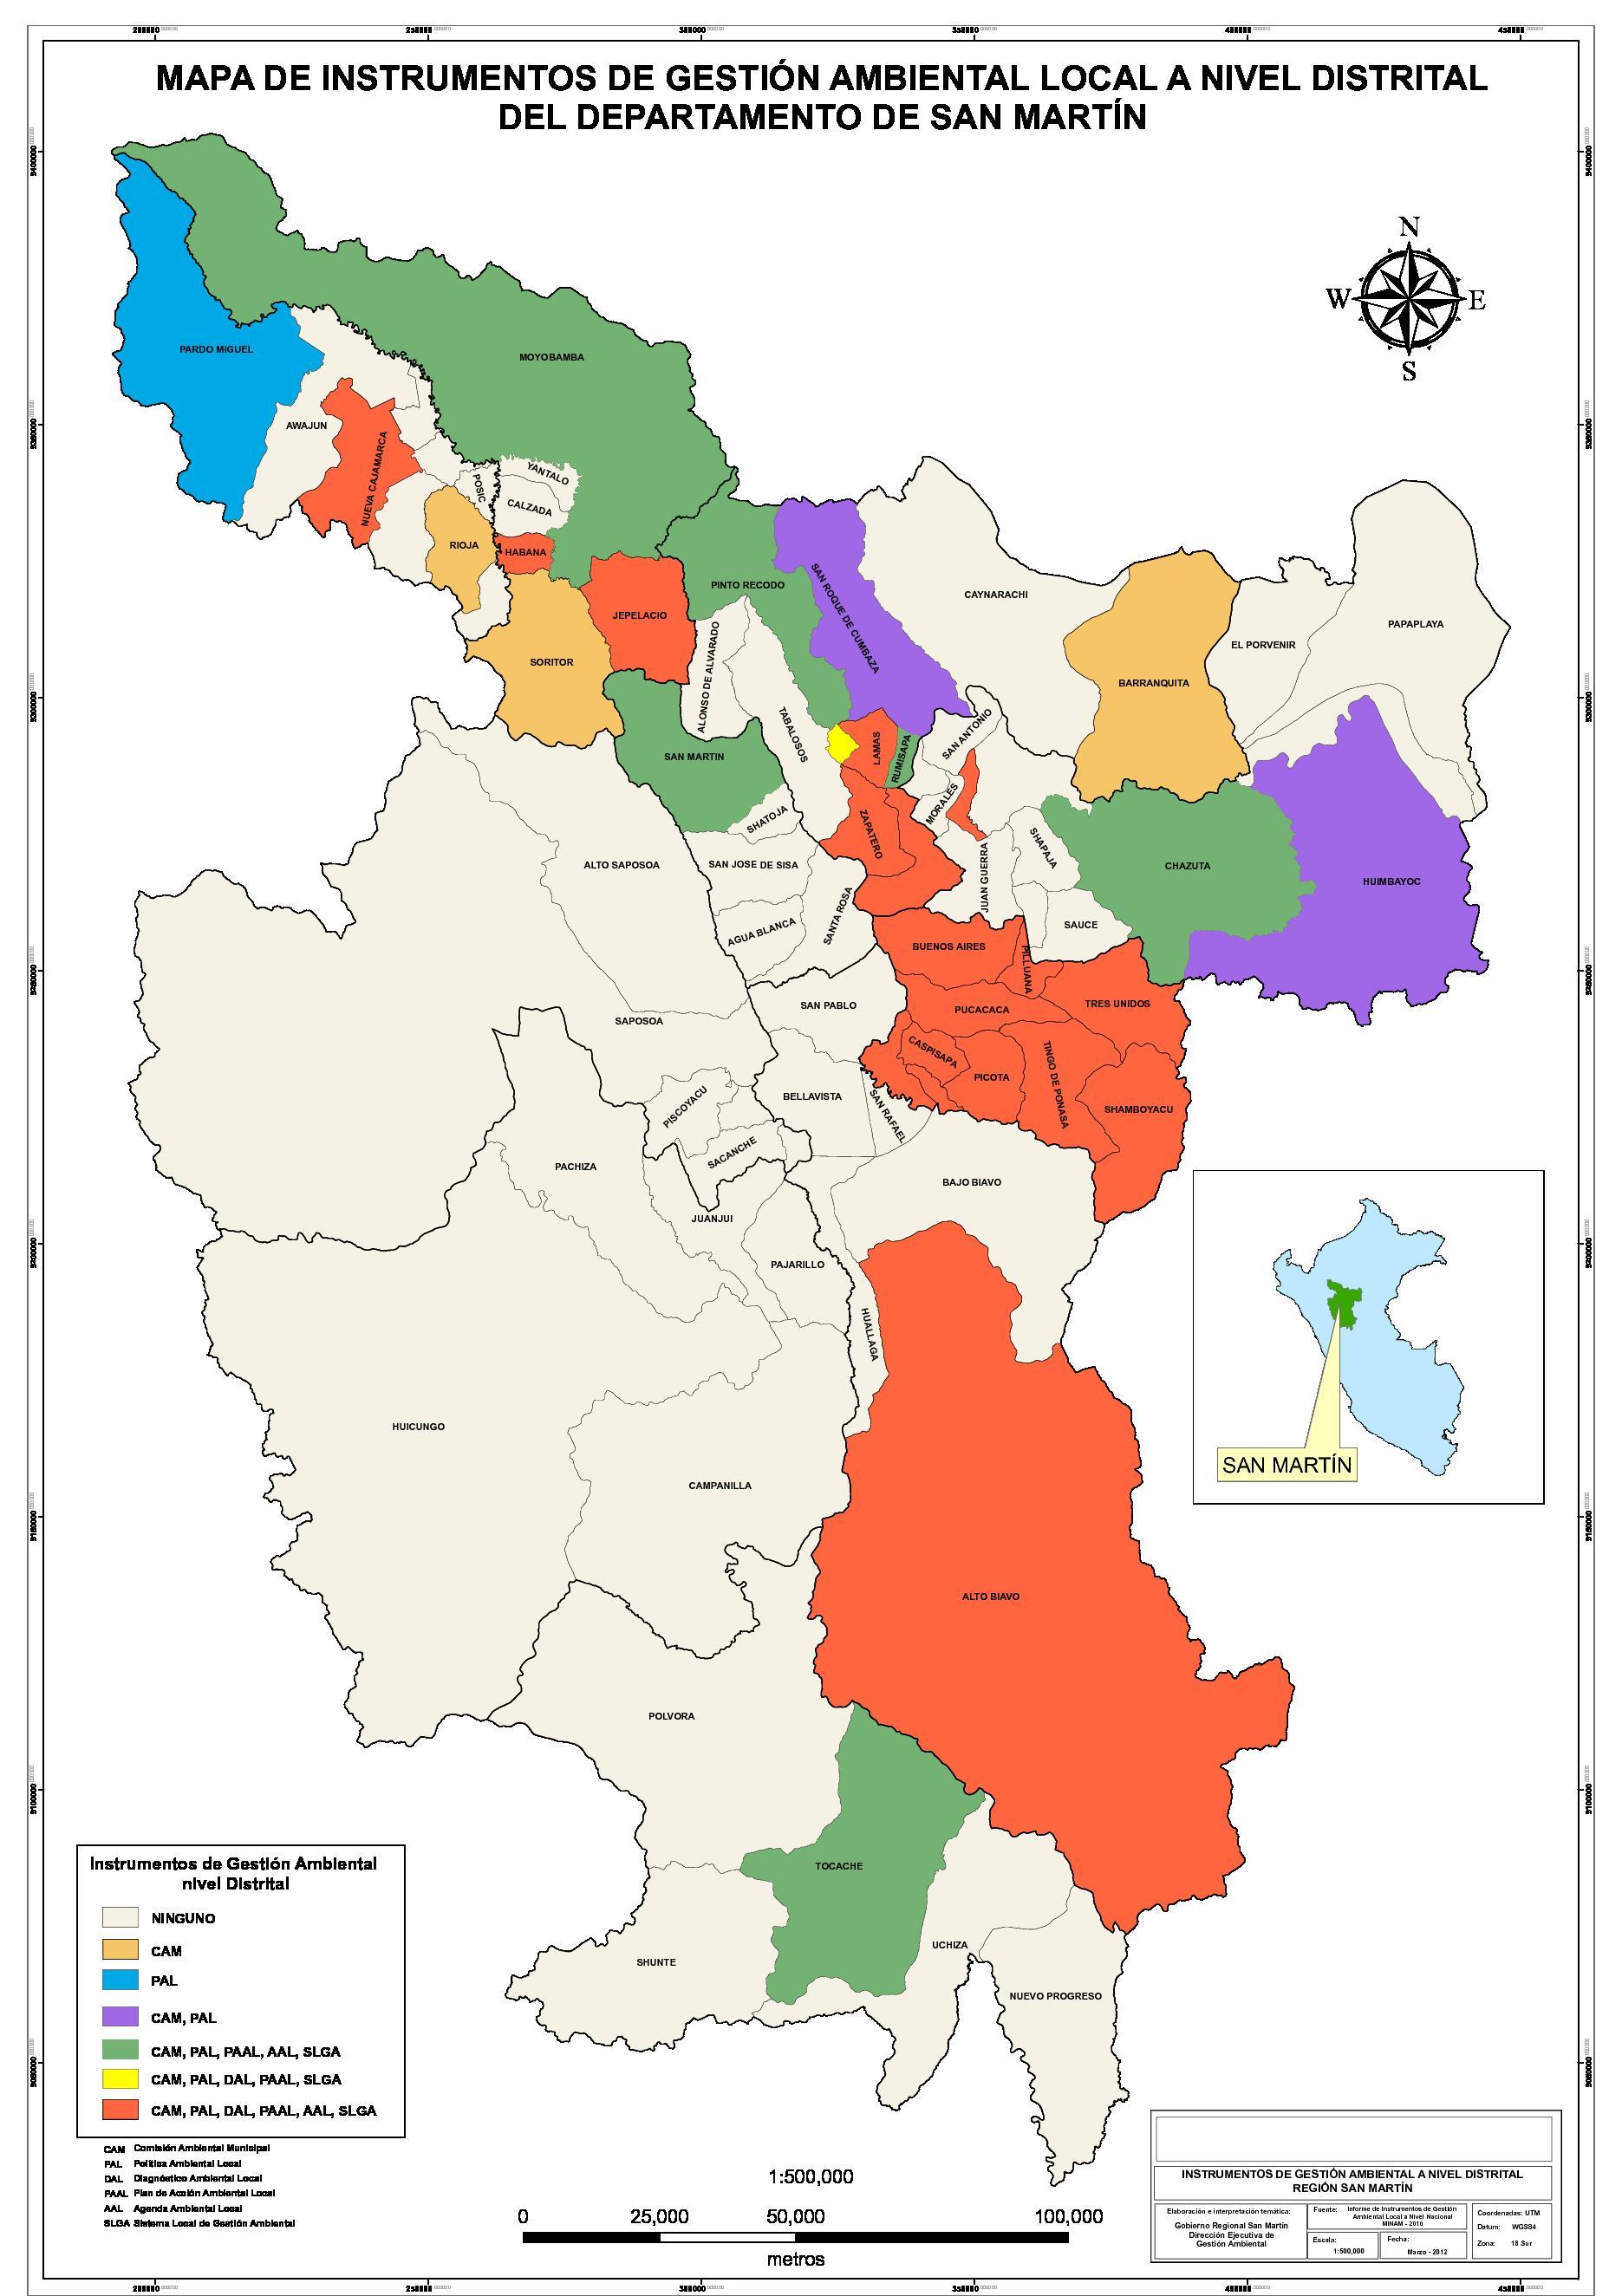 Mapa De Instrumentos De Gestion Ambiental Local A Nivel Distrital